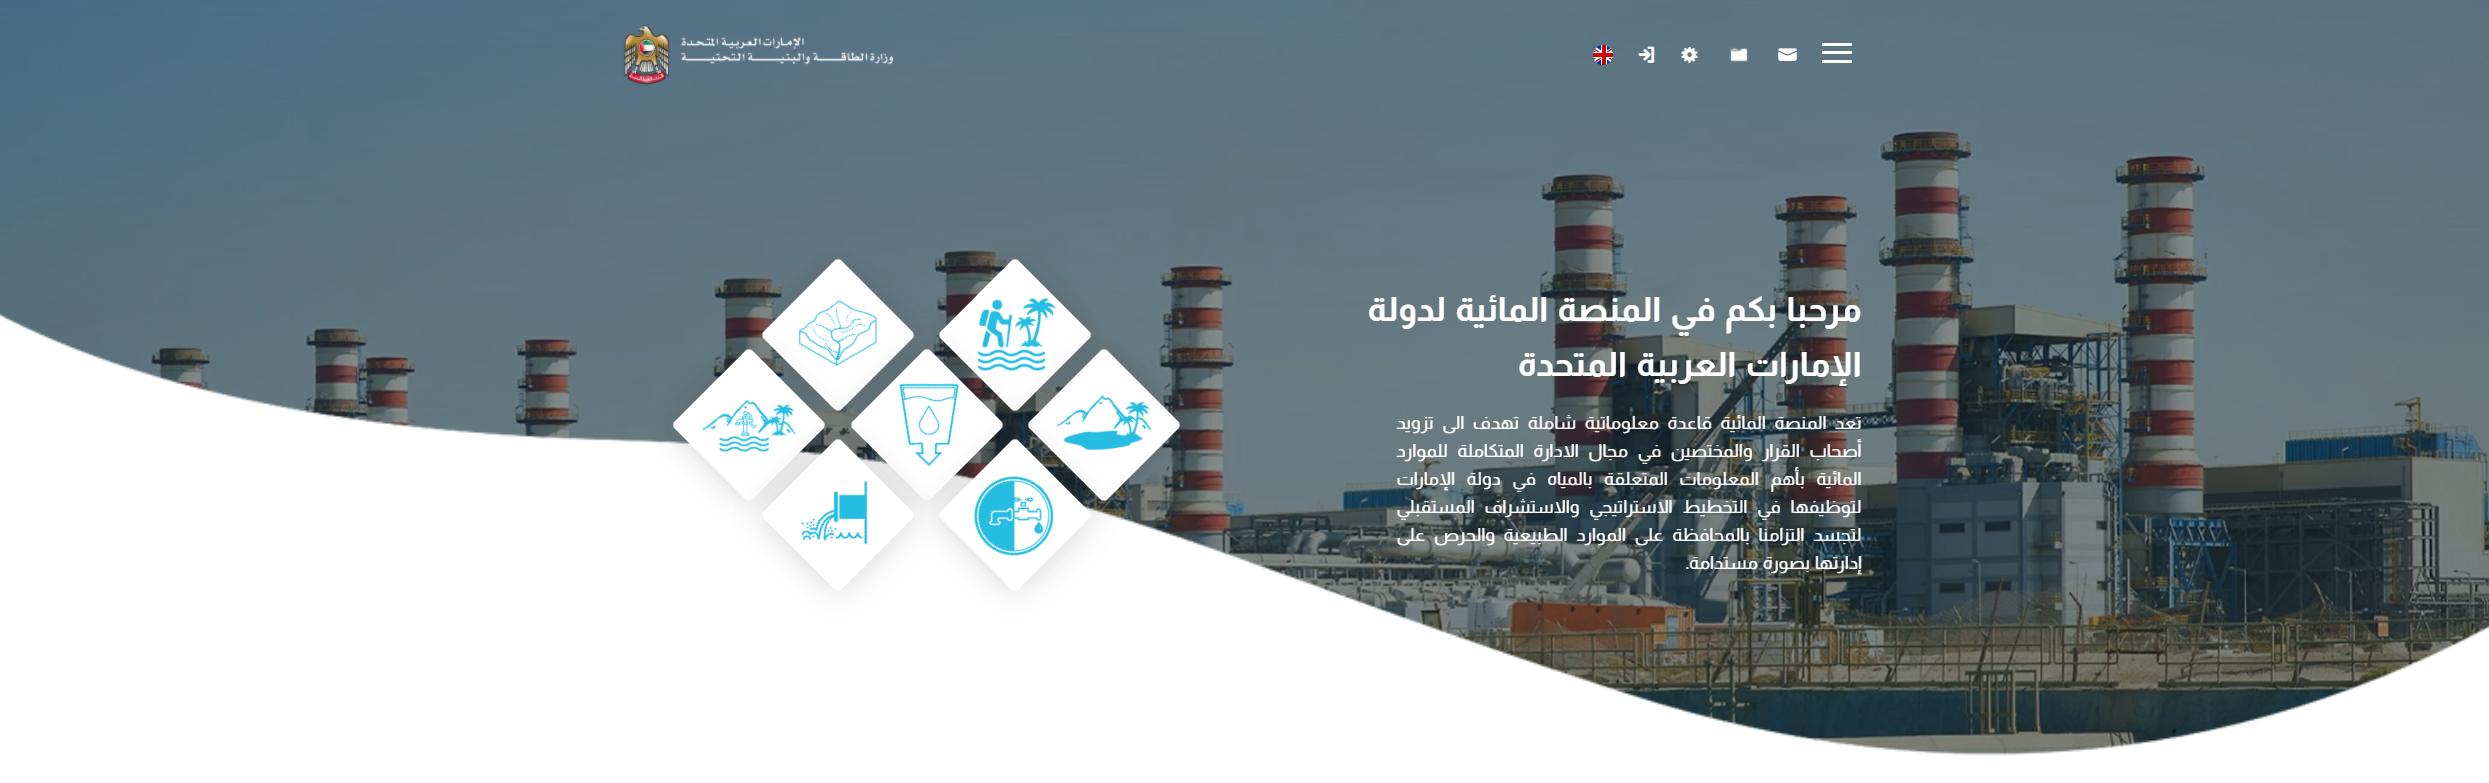 المنصة المائية لدولة الامارات